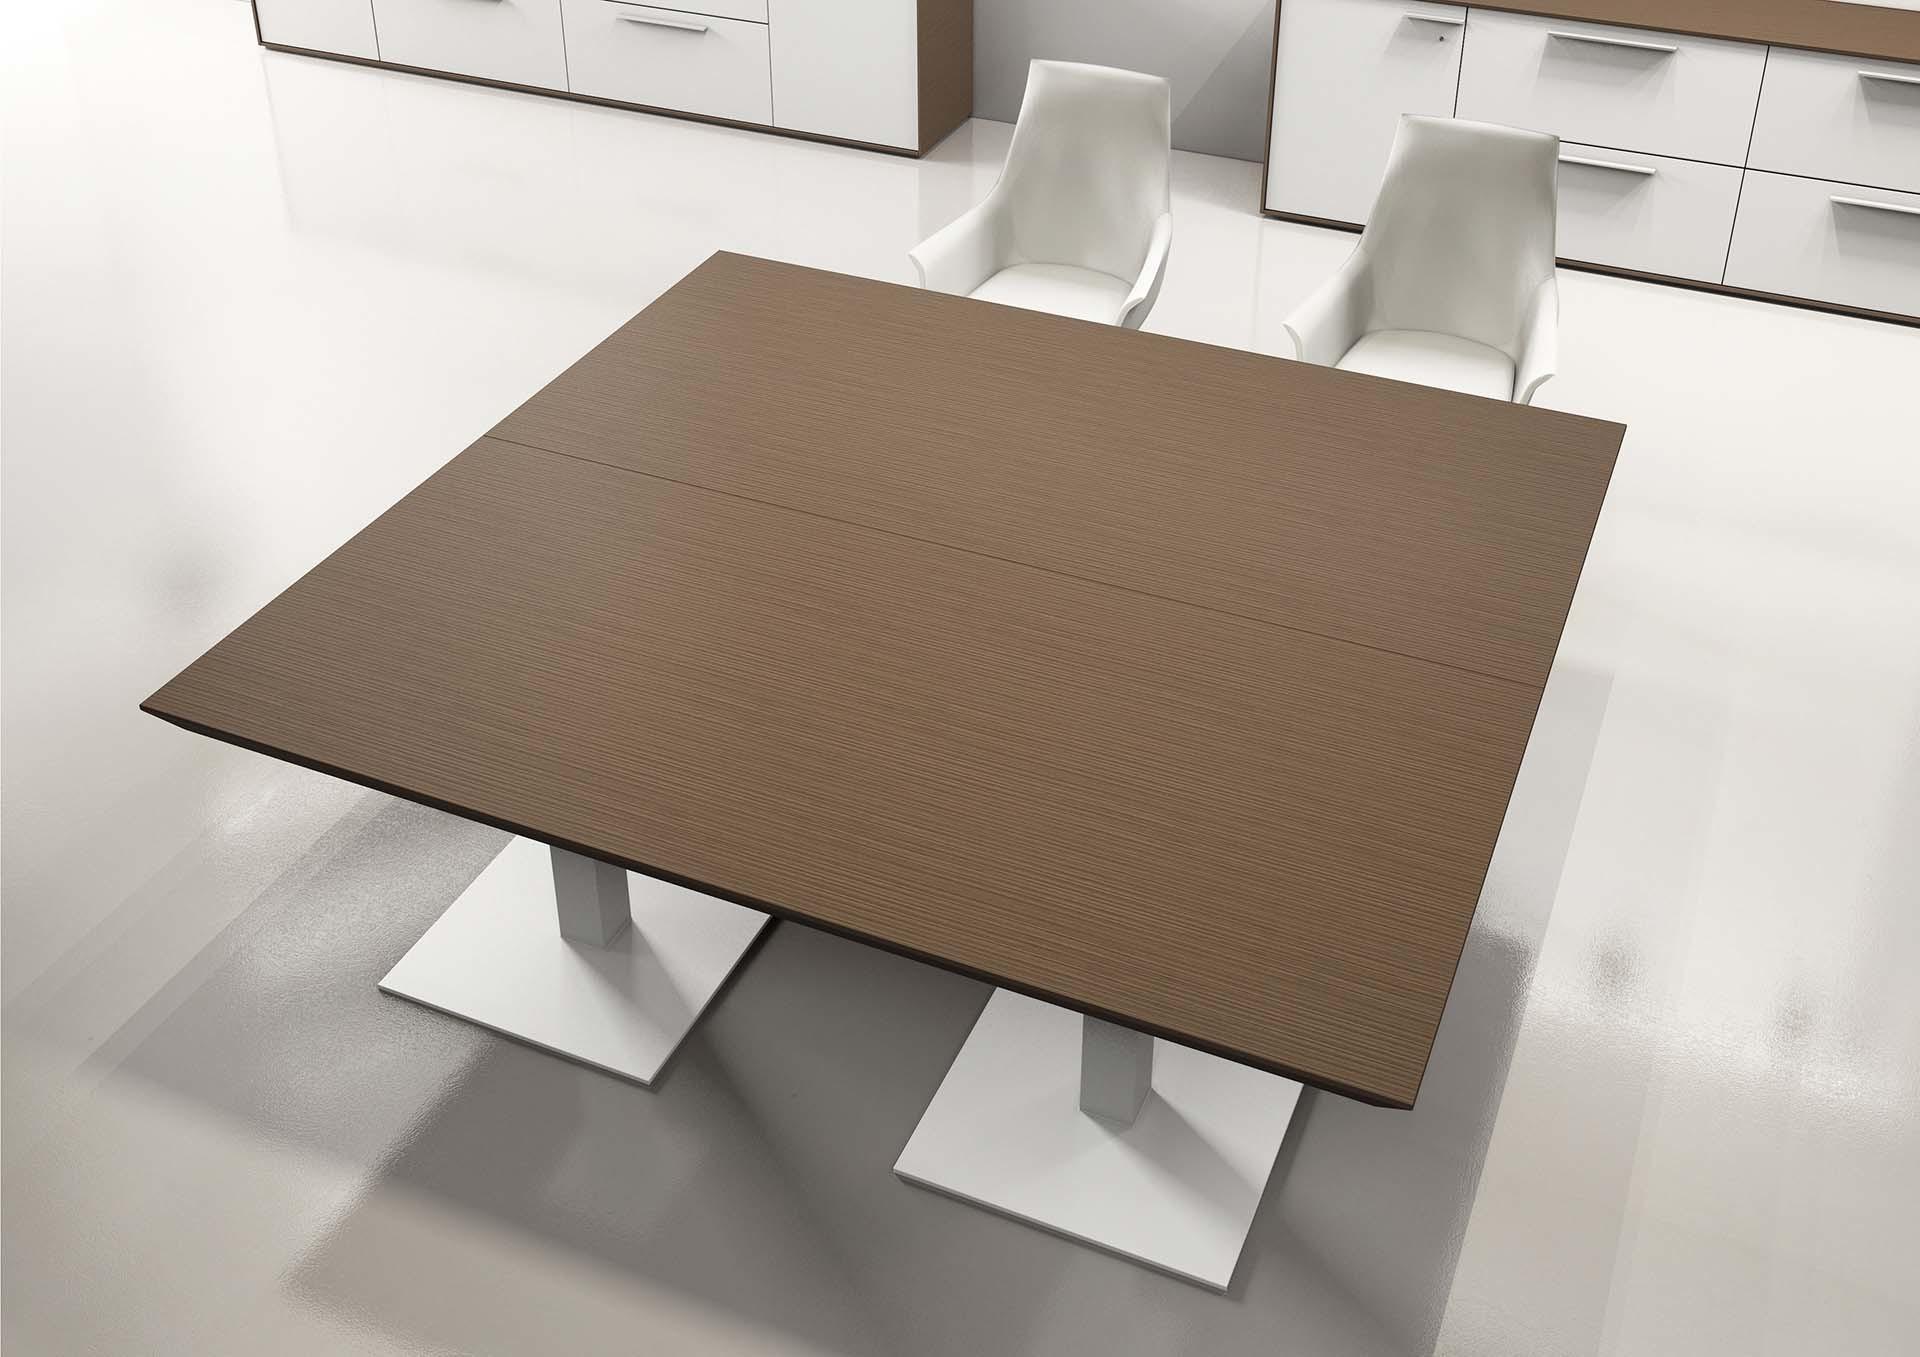 Tavolo per riunione in legno scuro